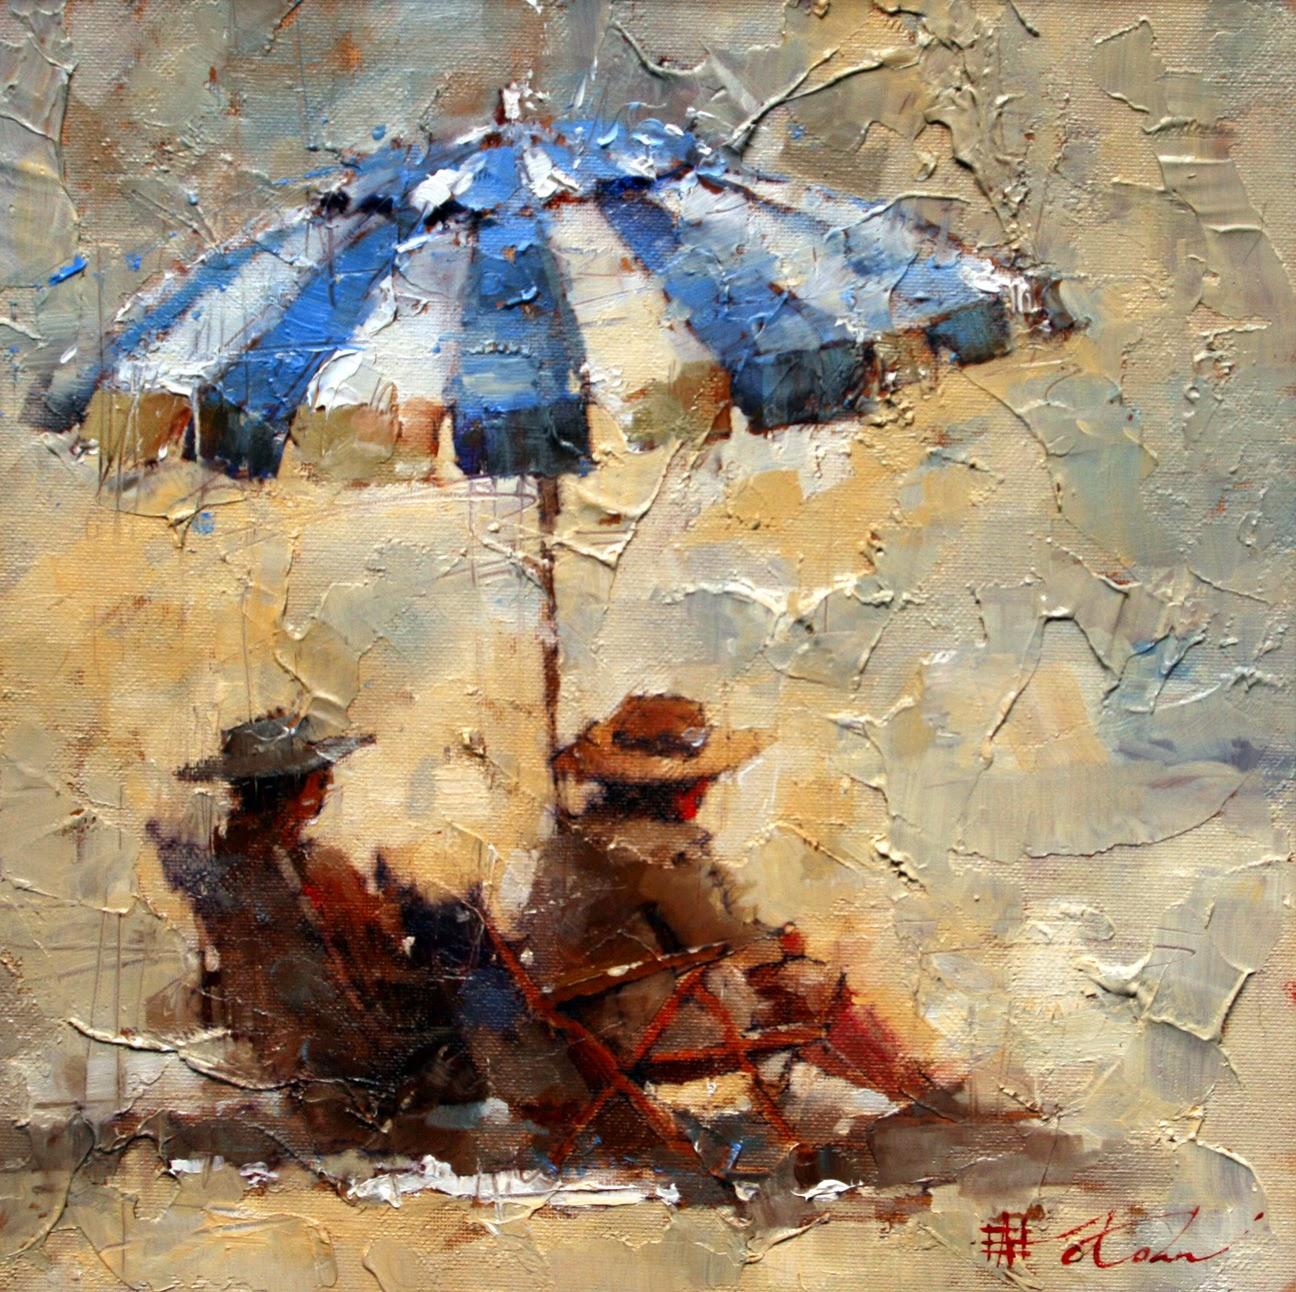 Esperando o Pôr do Sol - Andre Kohn e suas pinturas - Impressionismo Figurativo